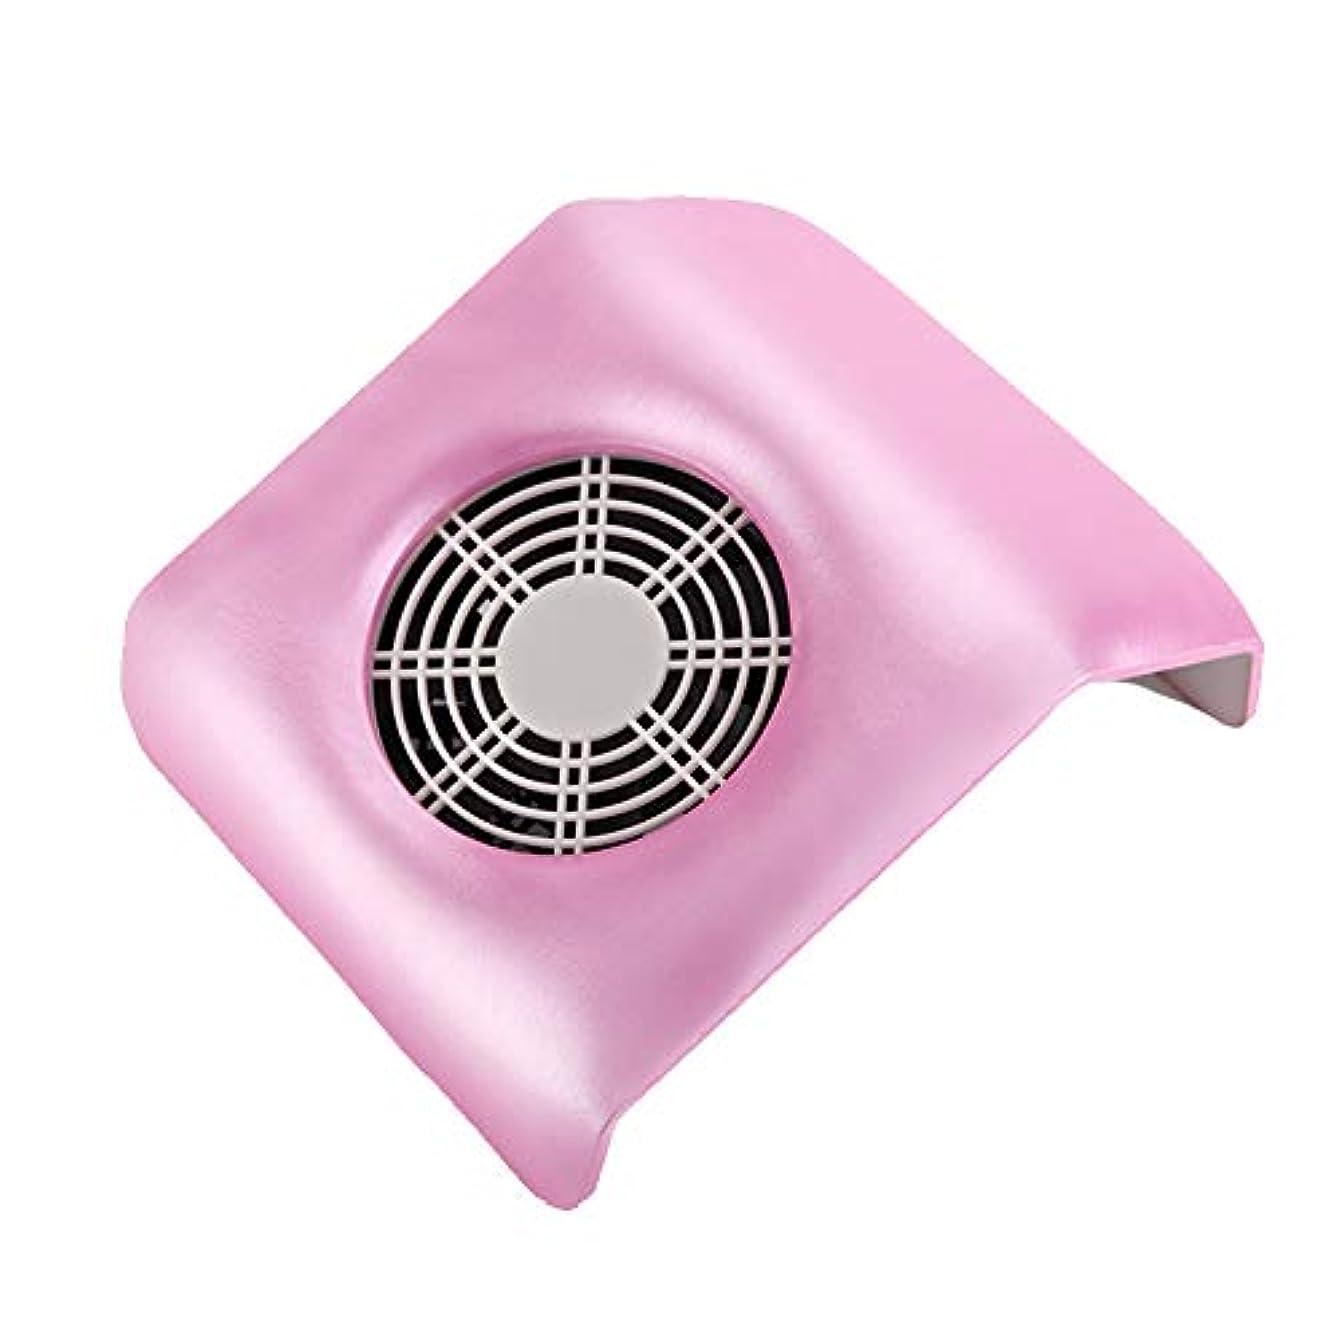 貫通する補償あたたかいネイル 集塵機 ネイルアート掃除機 ネイルマシン ネイルダスト ダストクリーナー ネイル機器 集塵バッグ付き ピンク